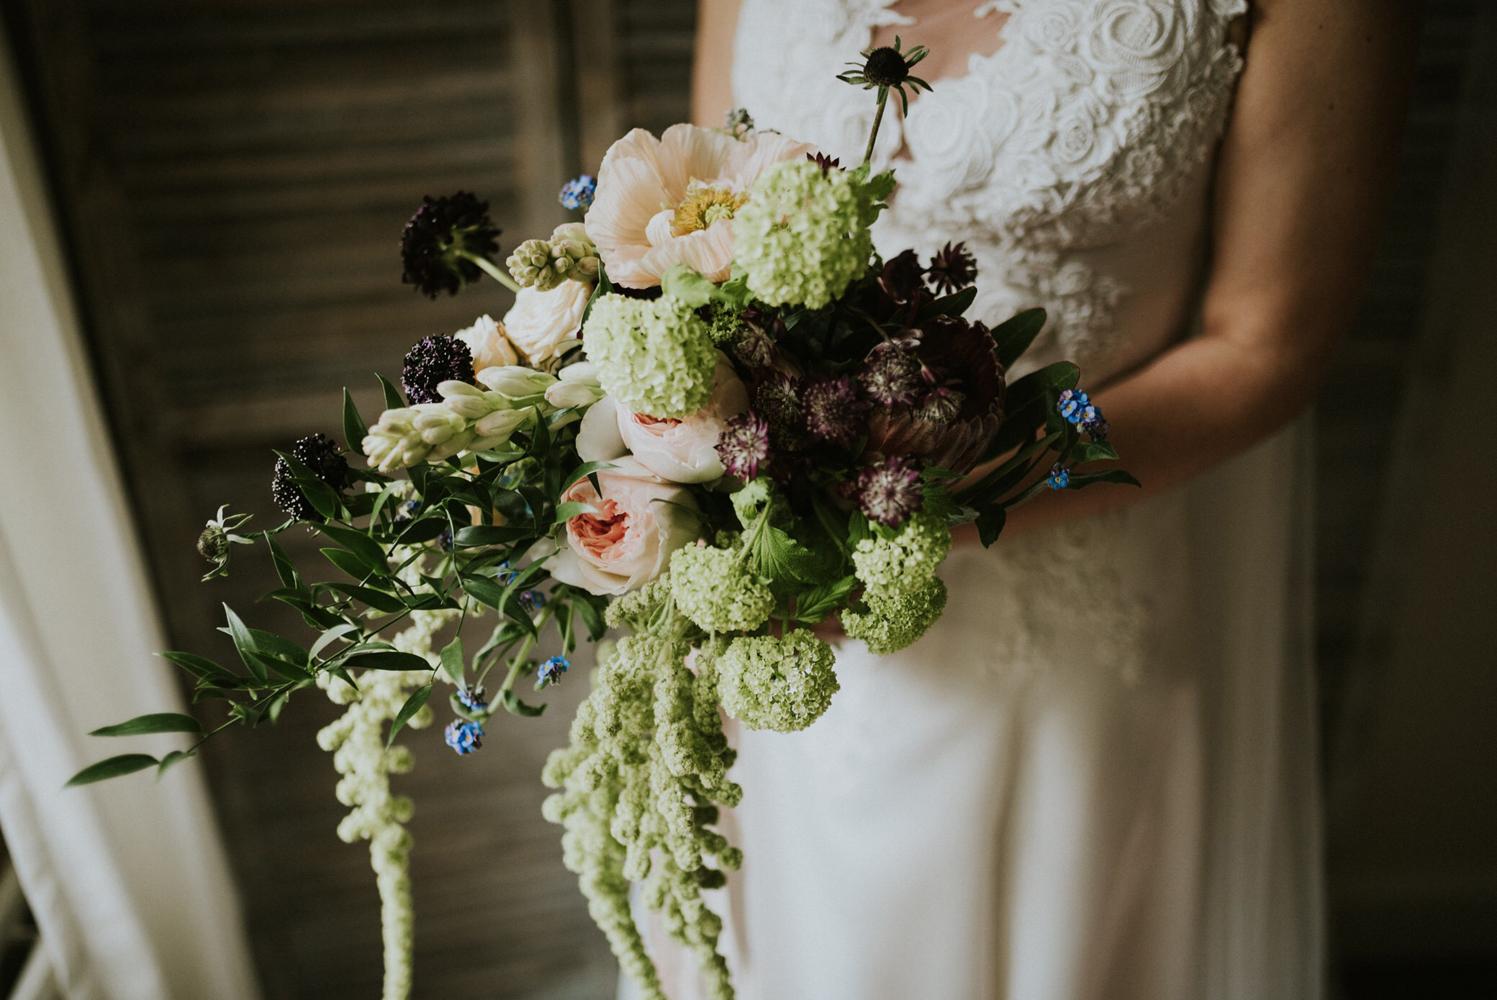 Victoriana_Floral_wedding_flowers_northern_ireland_5.jpg